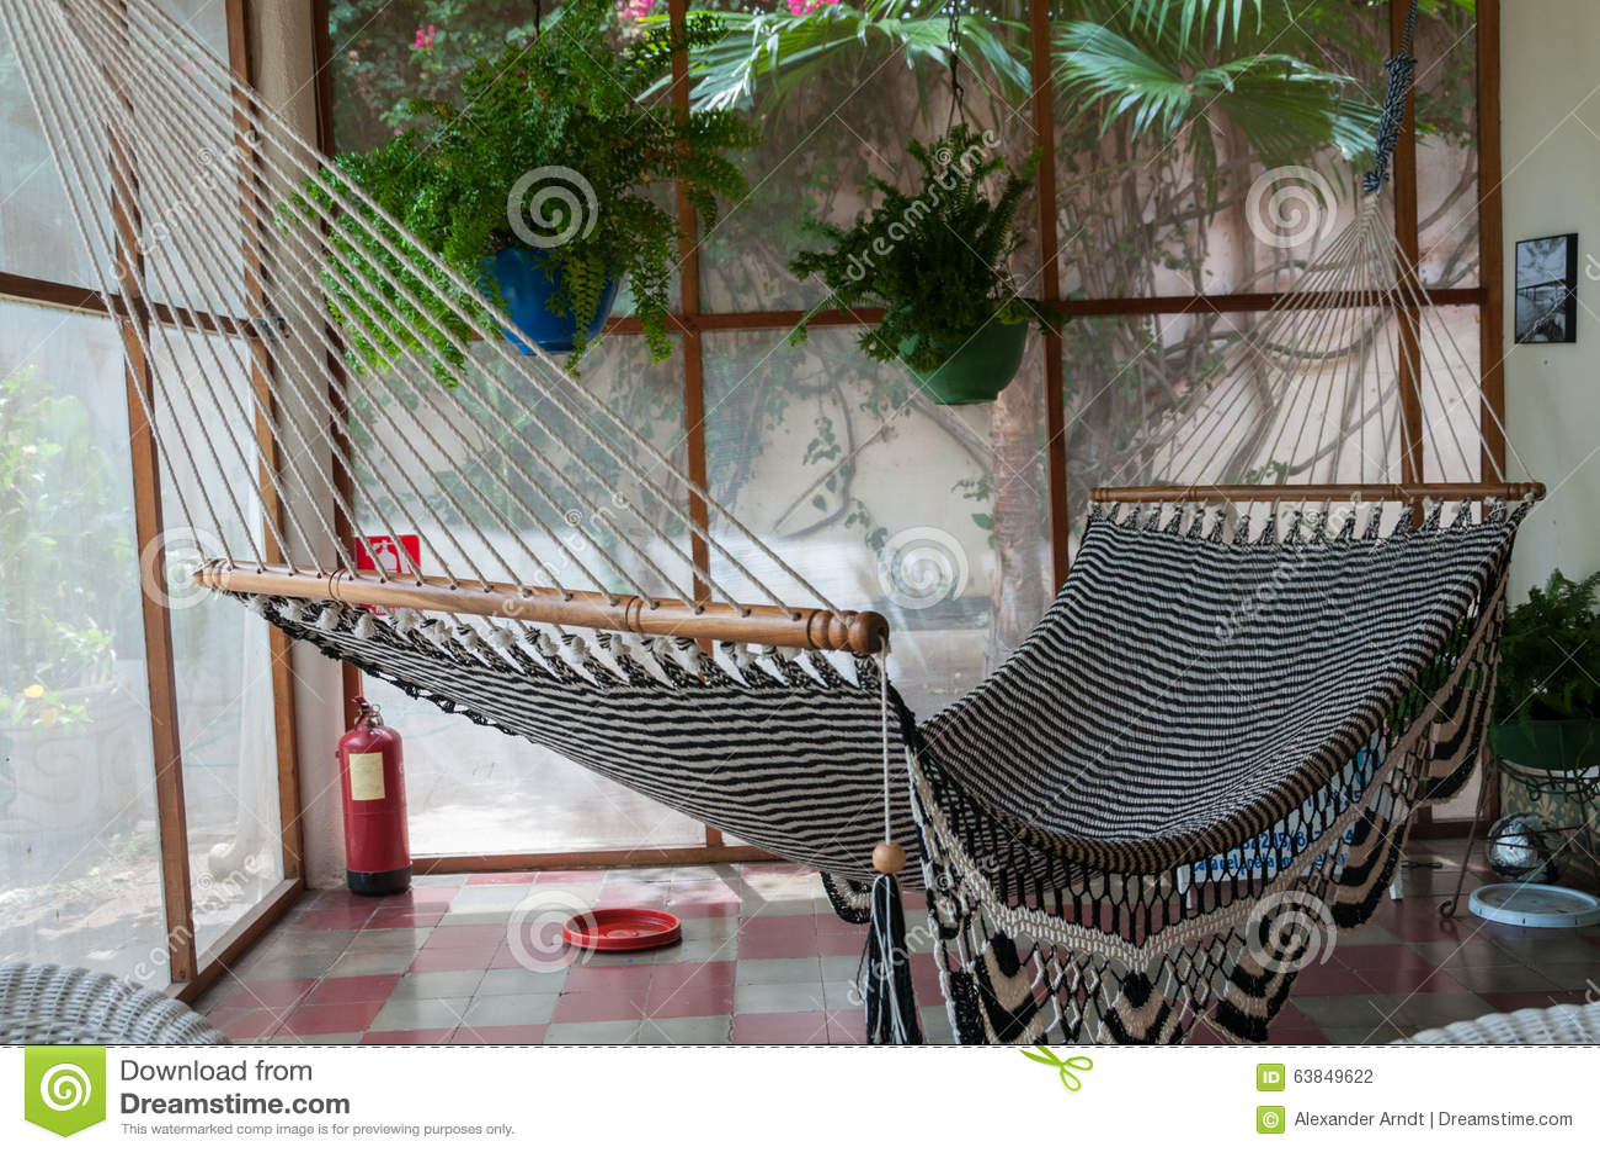 Hangmat Op Balkon : Hangmat groot hangmat magnifico luilak hangmatten en hangstoelen